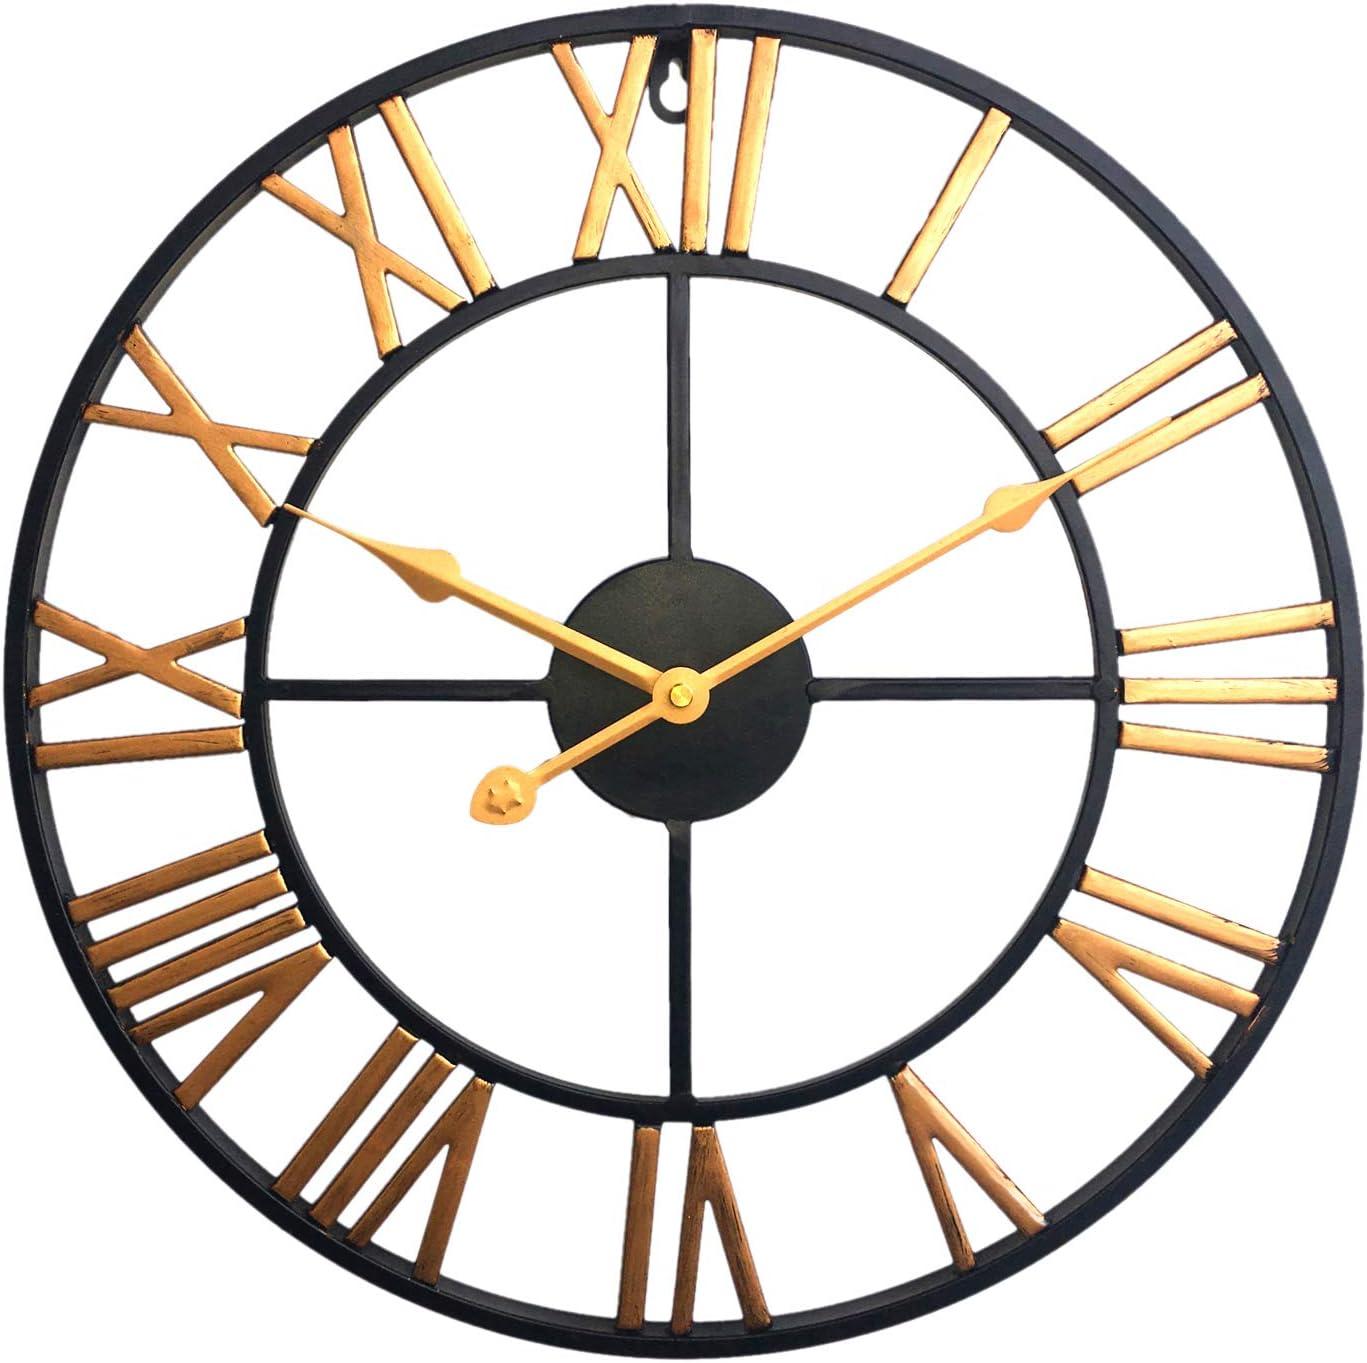 Winni43Julian 40cm Orologio da Parete Vintage Orologio da Muro Silenzioso Moderno Orologio da Muro Silenzioso Metallo Argento